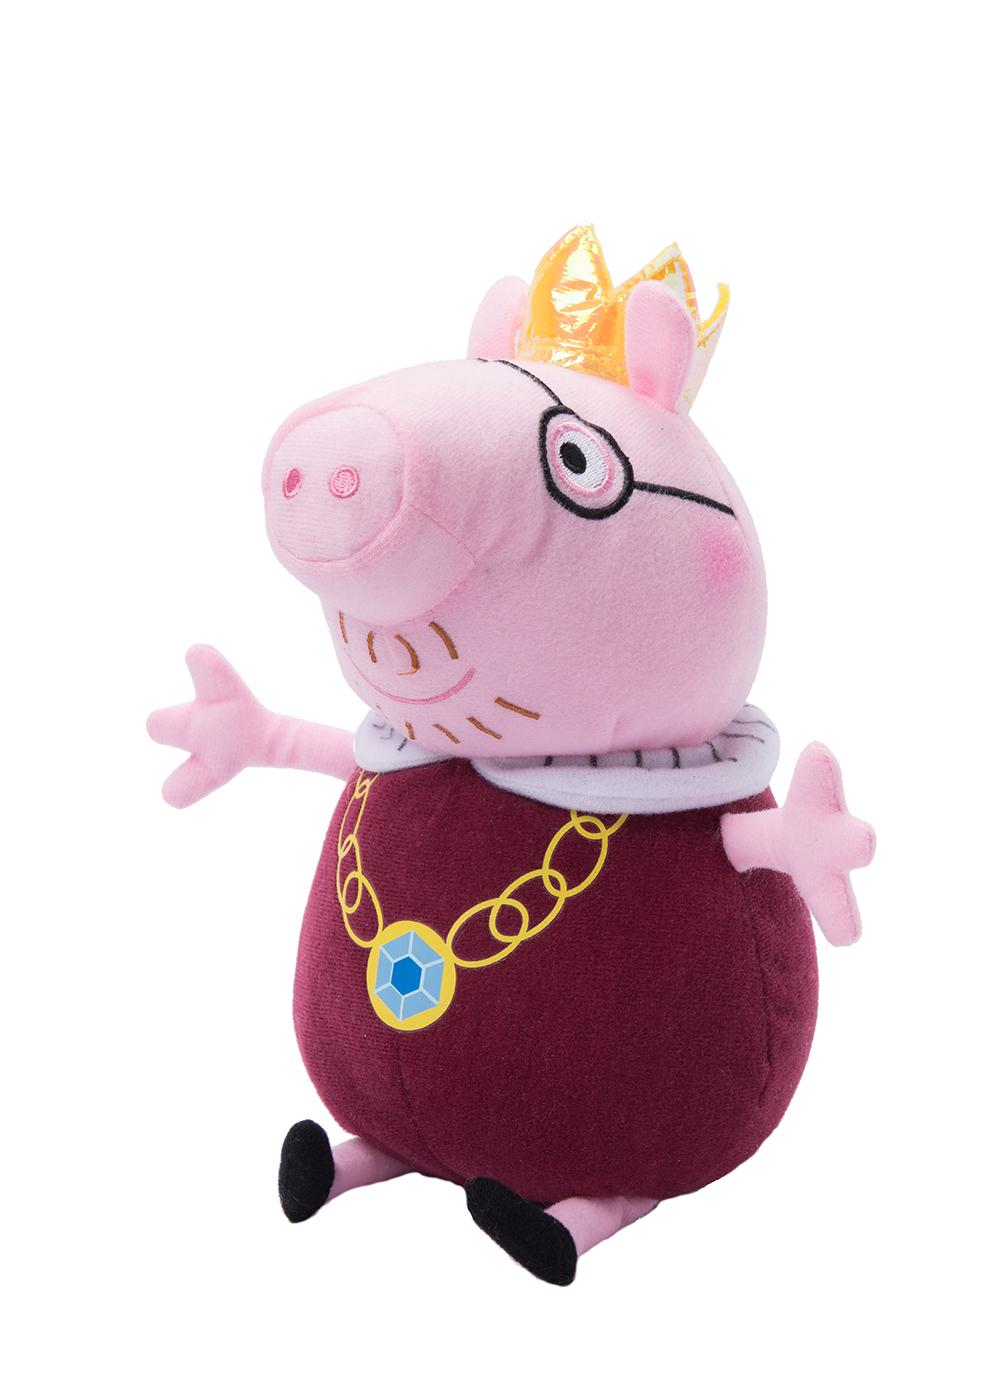 Peppa Pig Мягкая игрушка Папа Свин-король 30 см31154Обаятельная мягкая игрушка Папа Свин-король - это отличный подарок для вашего малыша. С ней можно весело играть днем и сладко спать ночью. А чтобы ваш маленький фантазер по-настоящему оживил приключения своих любимых героев, вы можете приобрести других персонажей из серии Peppa Pig. Мягкая игрушка Папа Свин-король ТМ Свинка Пеппа высотой 30 см (размер указан с ножками) качественно сшита из мягкого, приятного на ощупь плюша, плотно набита. Глазки, носик и ротик вышиты. Корона выполнена из фетра и блестящего материала.